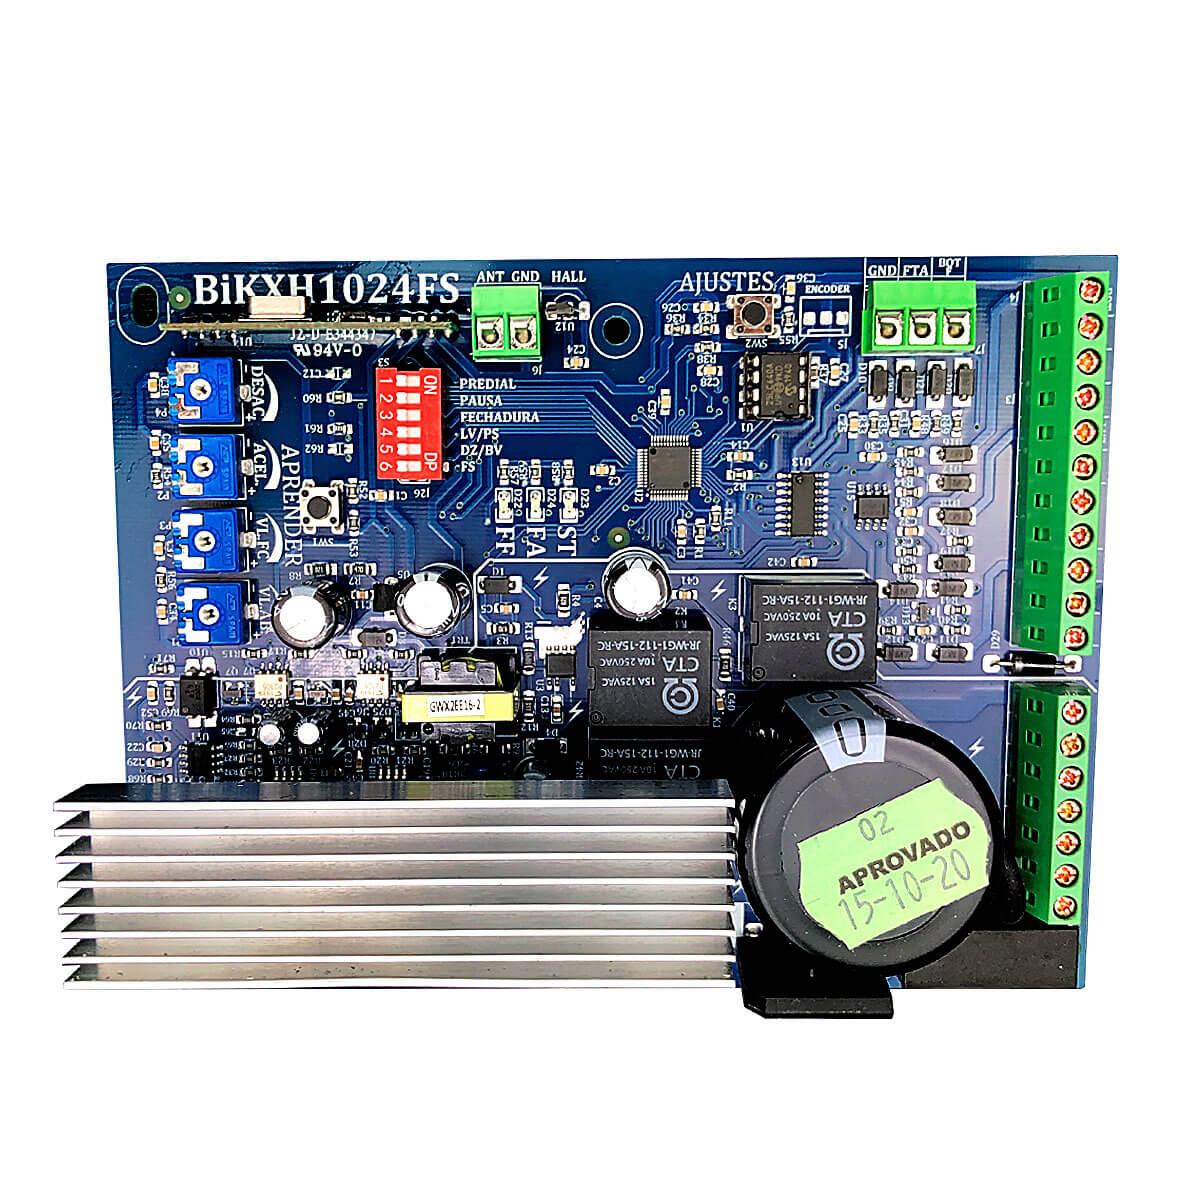 placa-central-de-comando-aceleradora-inter-dig-cm-bikxh1024-fs-433mhz-rossi-para-motor-bi-turbo